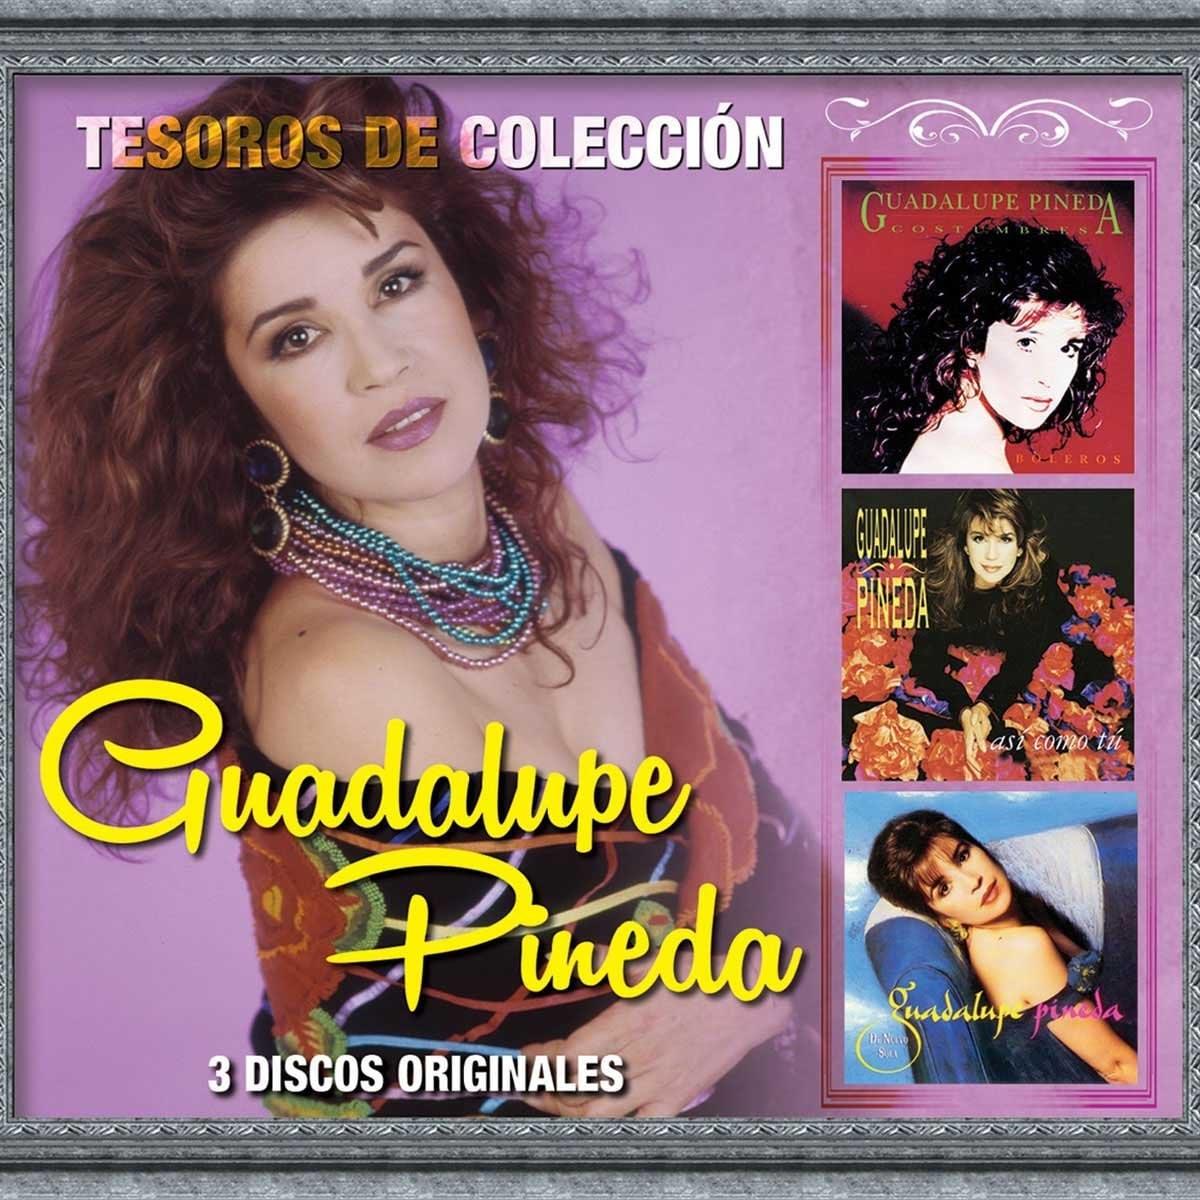 3 Cds Guadalupe Pineda Tesoros de Colección